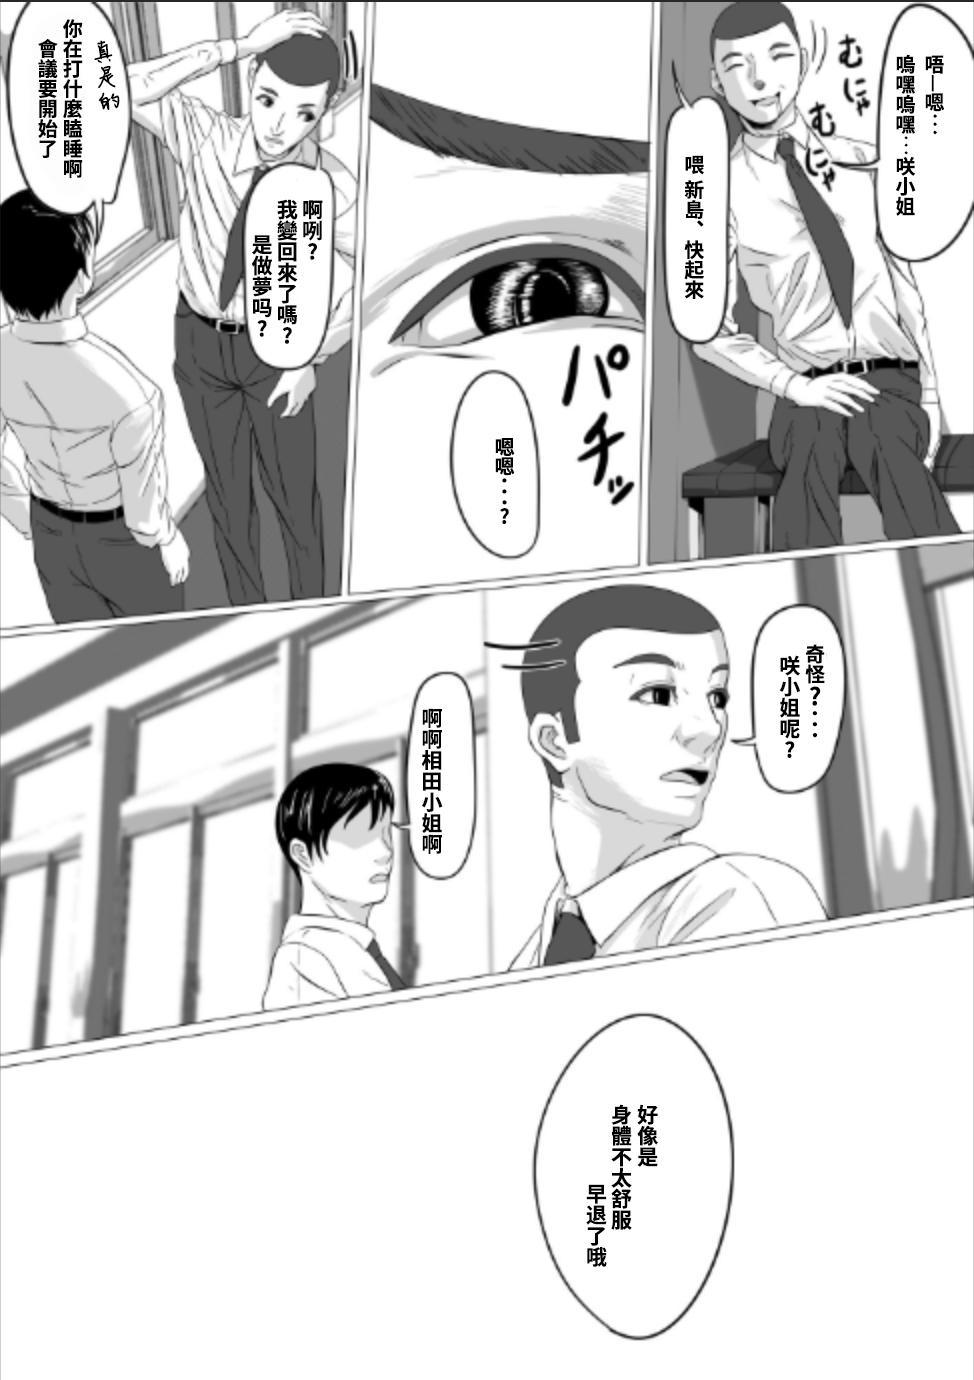 Chiisaku Natte OL ni Itazura Shiyo tto 40